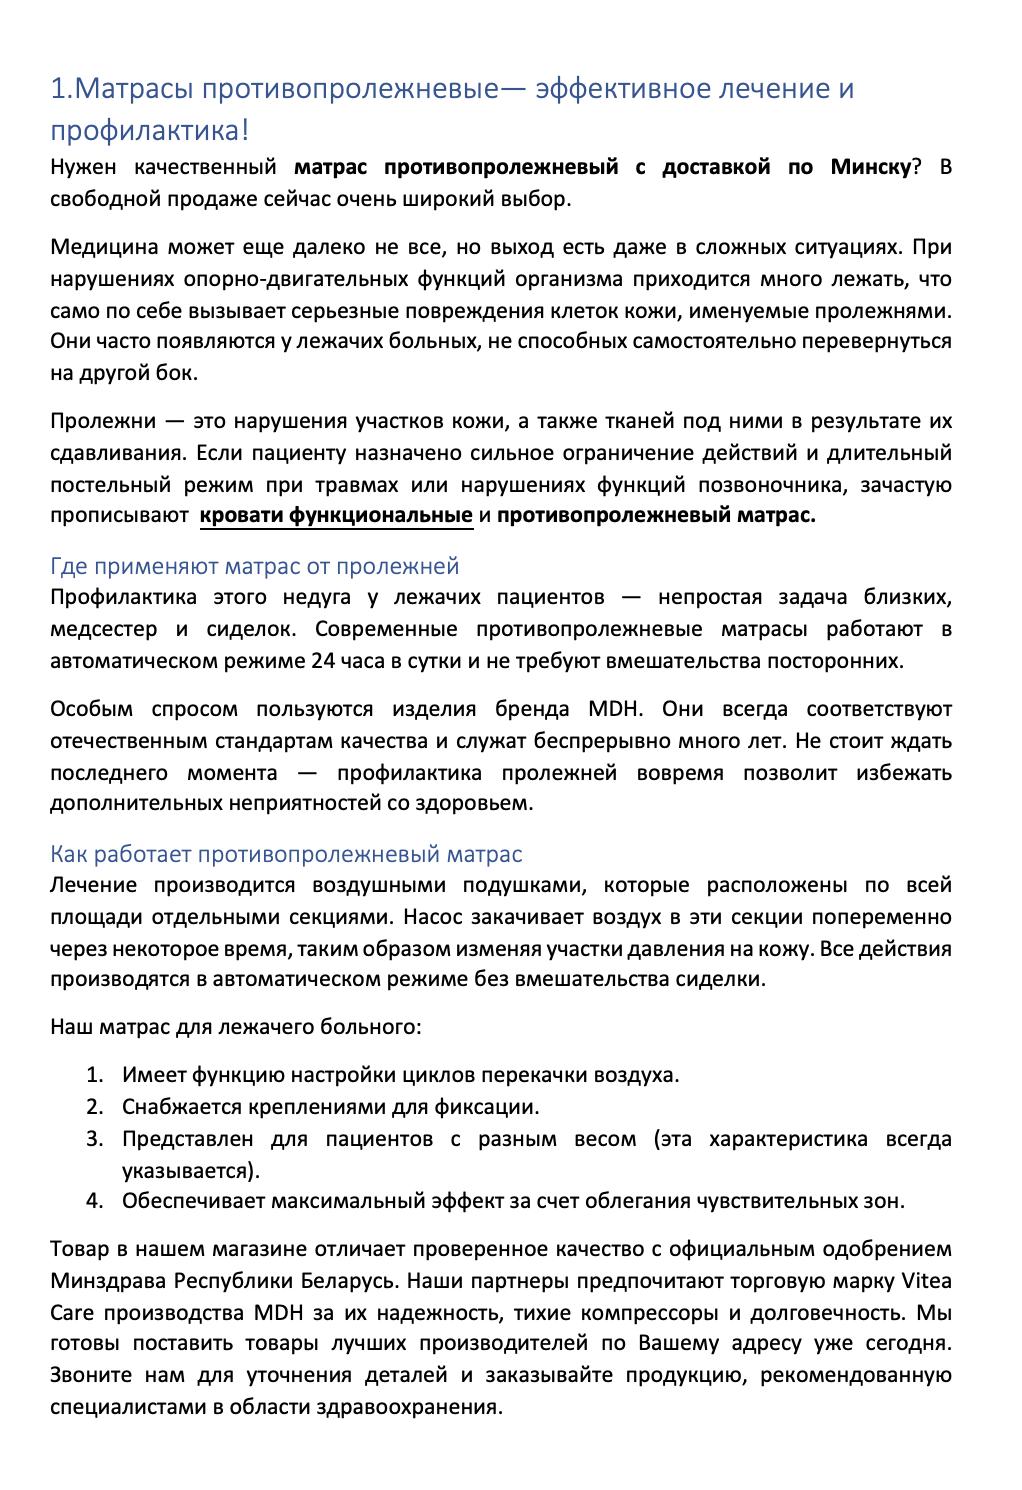 Пример продающего сео-текста для сайта #69 – Сео-текст для сайта по продаже матрасов